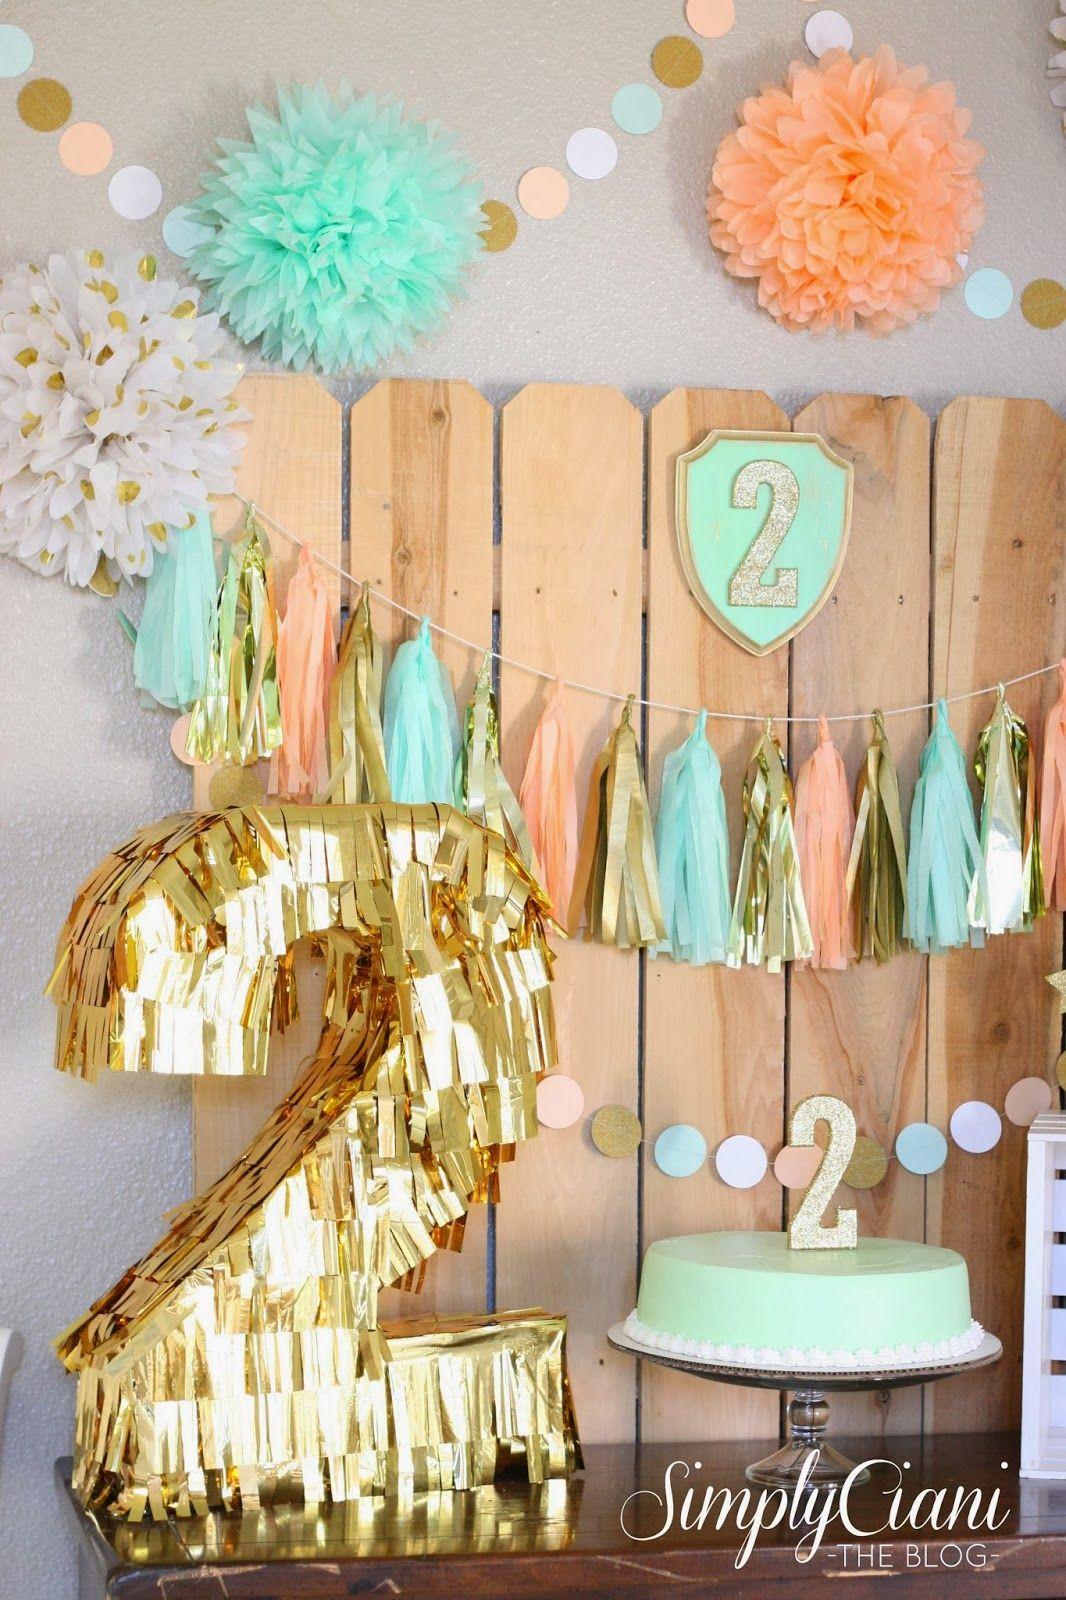 Me gusta mucho esta decoraci n para fiestas de cumplea os - Decoracion cumpleanos para ninos ...